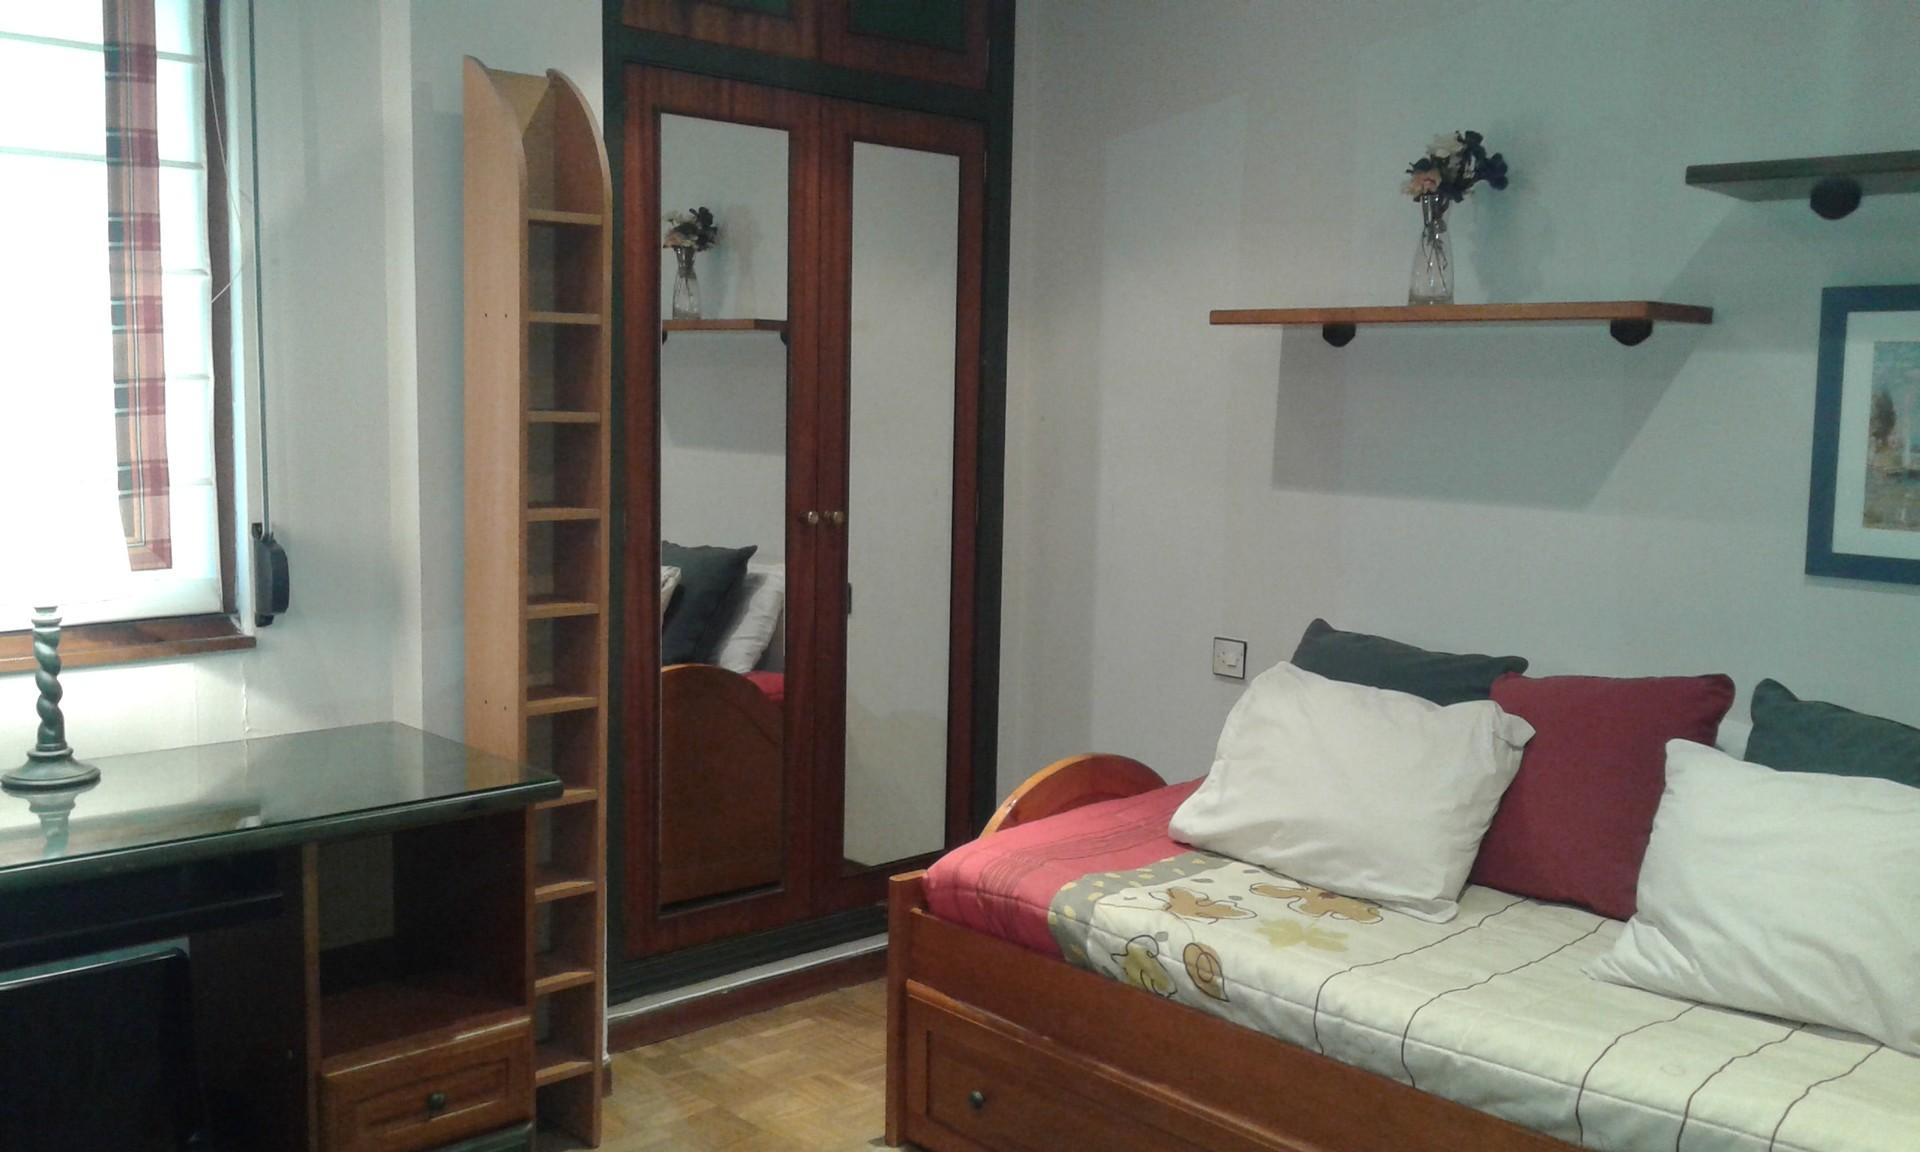 habitacion-individual-piso-estudiantes-de786f527f1bd14d5b60acf33be15348